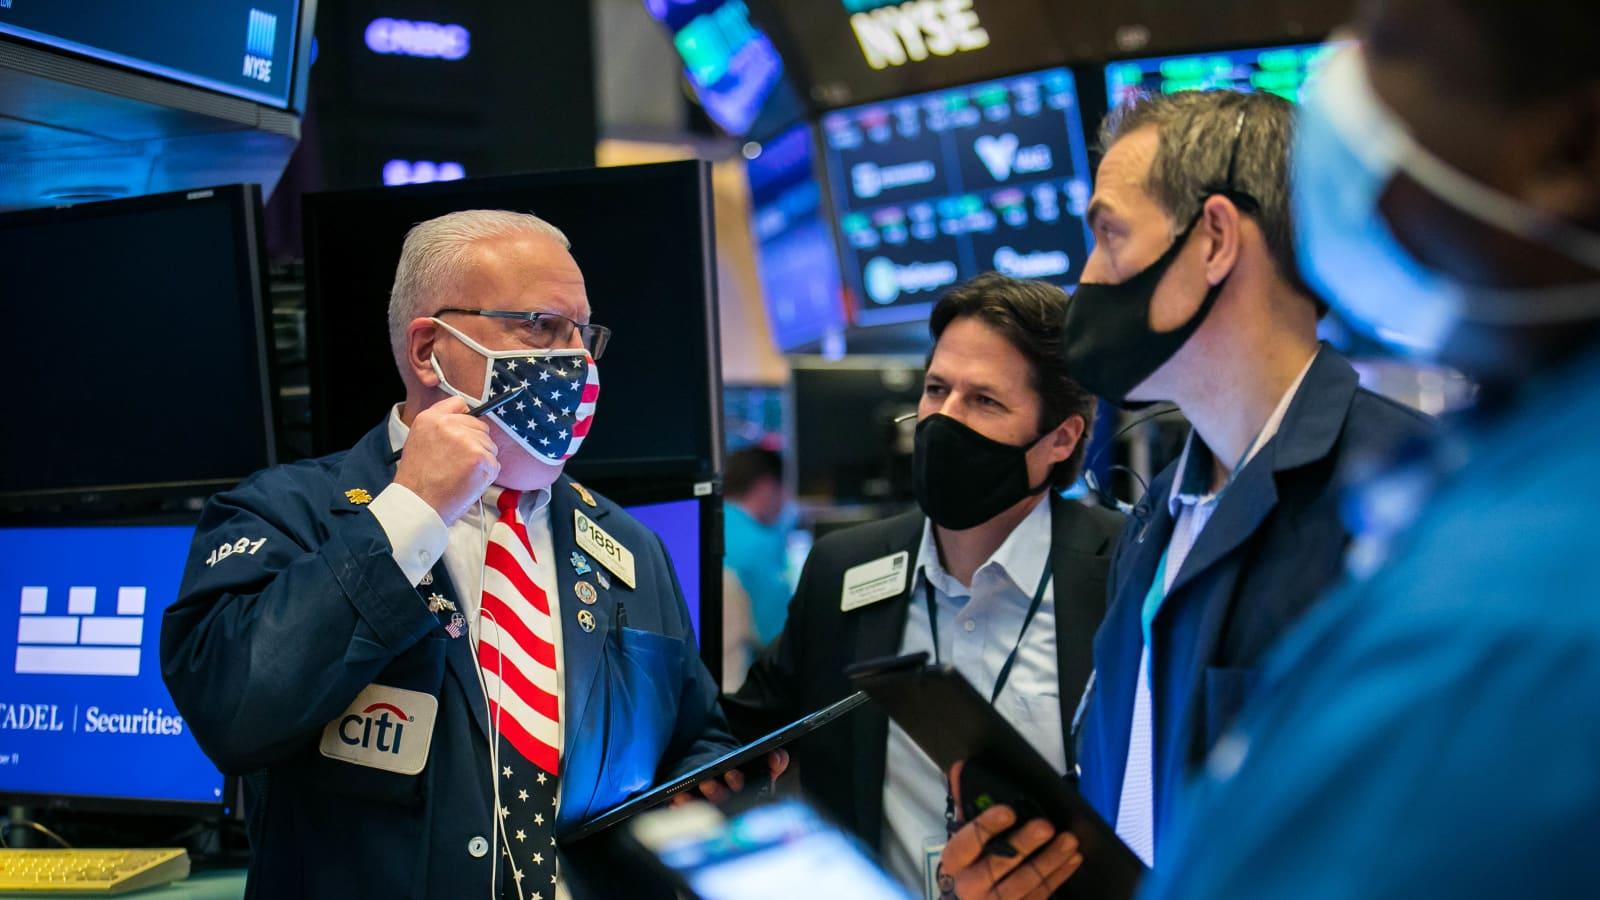 Nhà đầu tư Mỹ chốt lời phiên cuối tuần, loạt chỉ số giảm điểm - Ảnh 1.